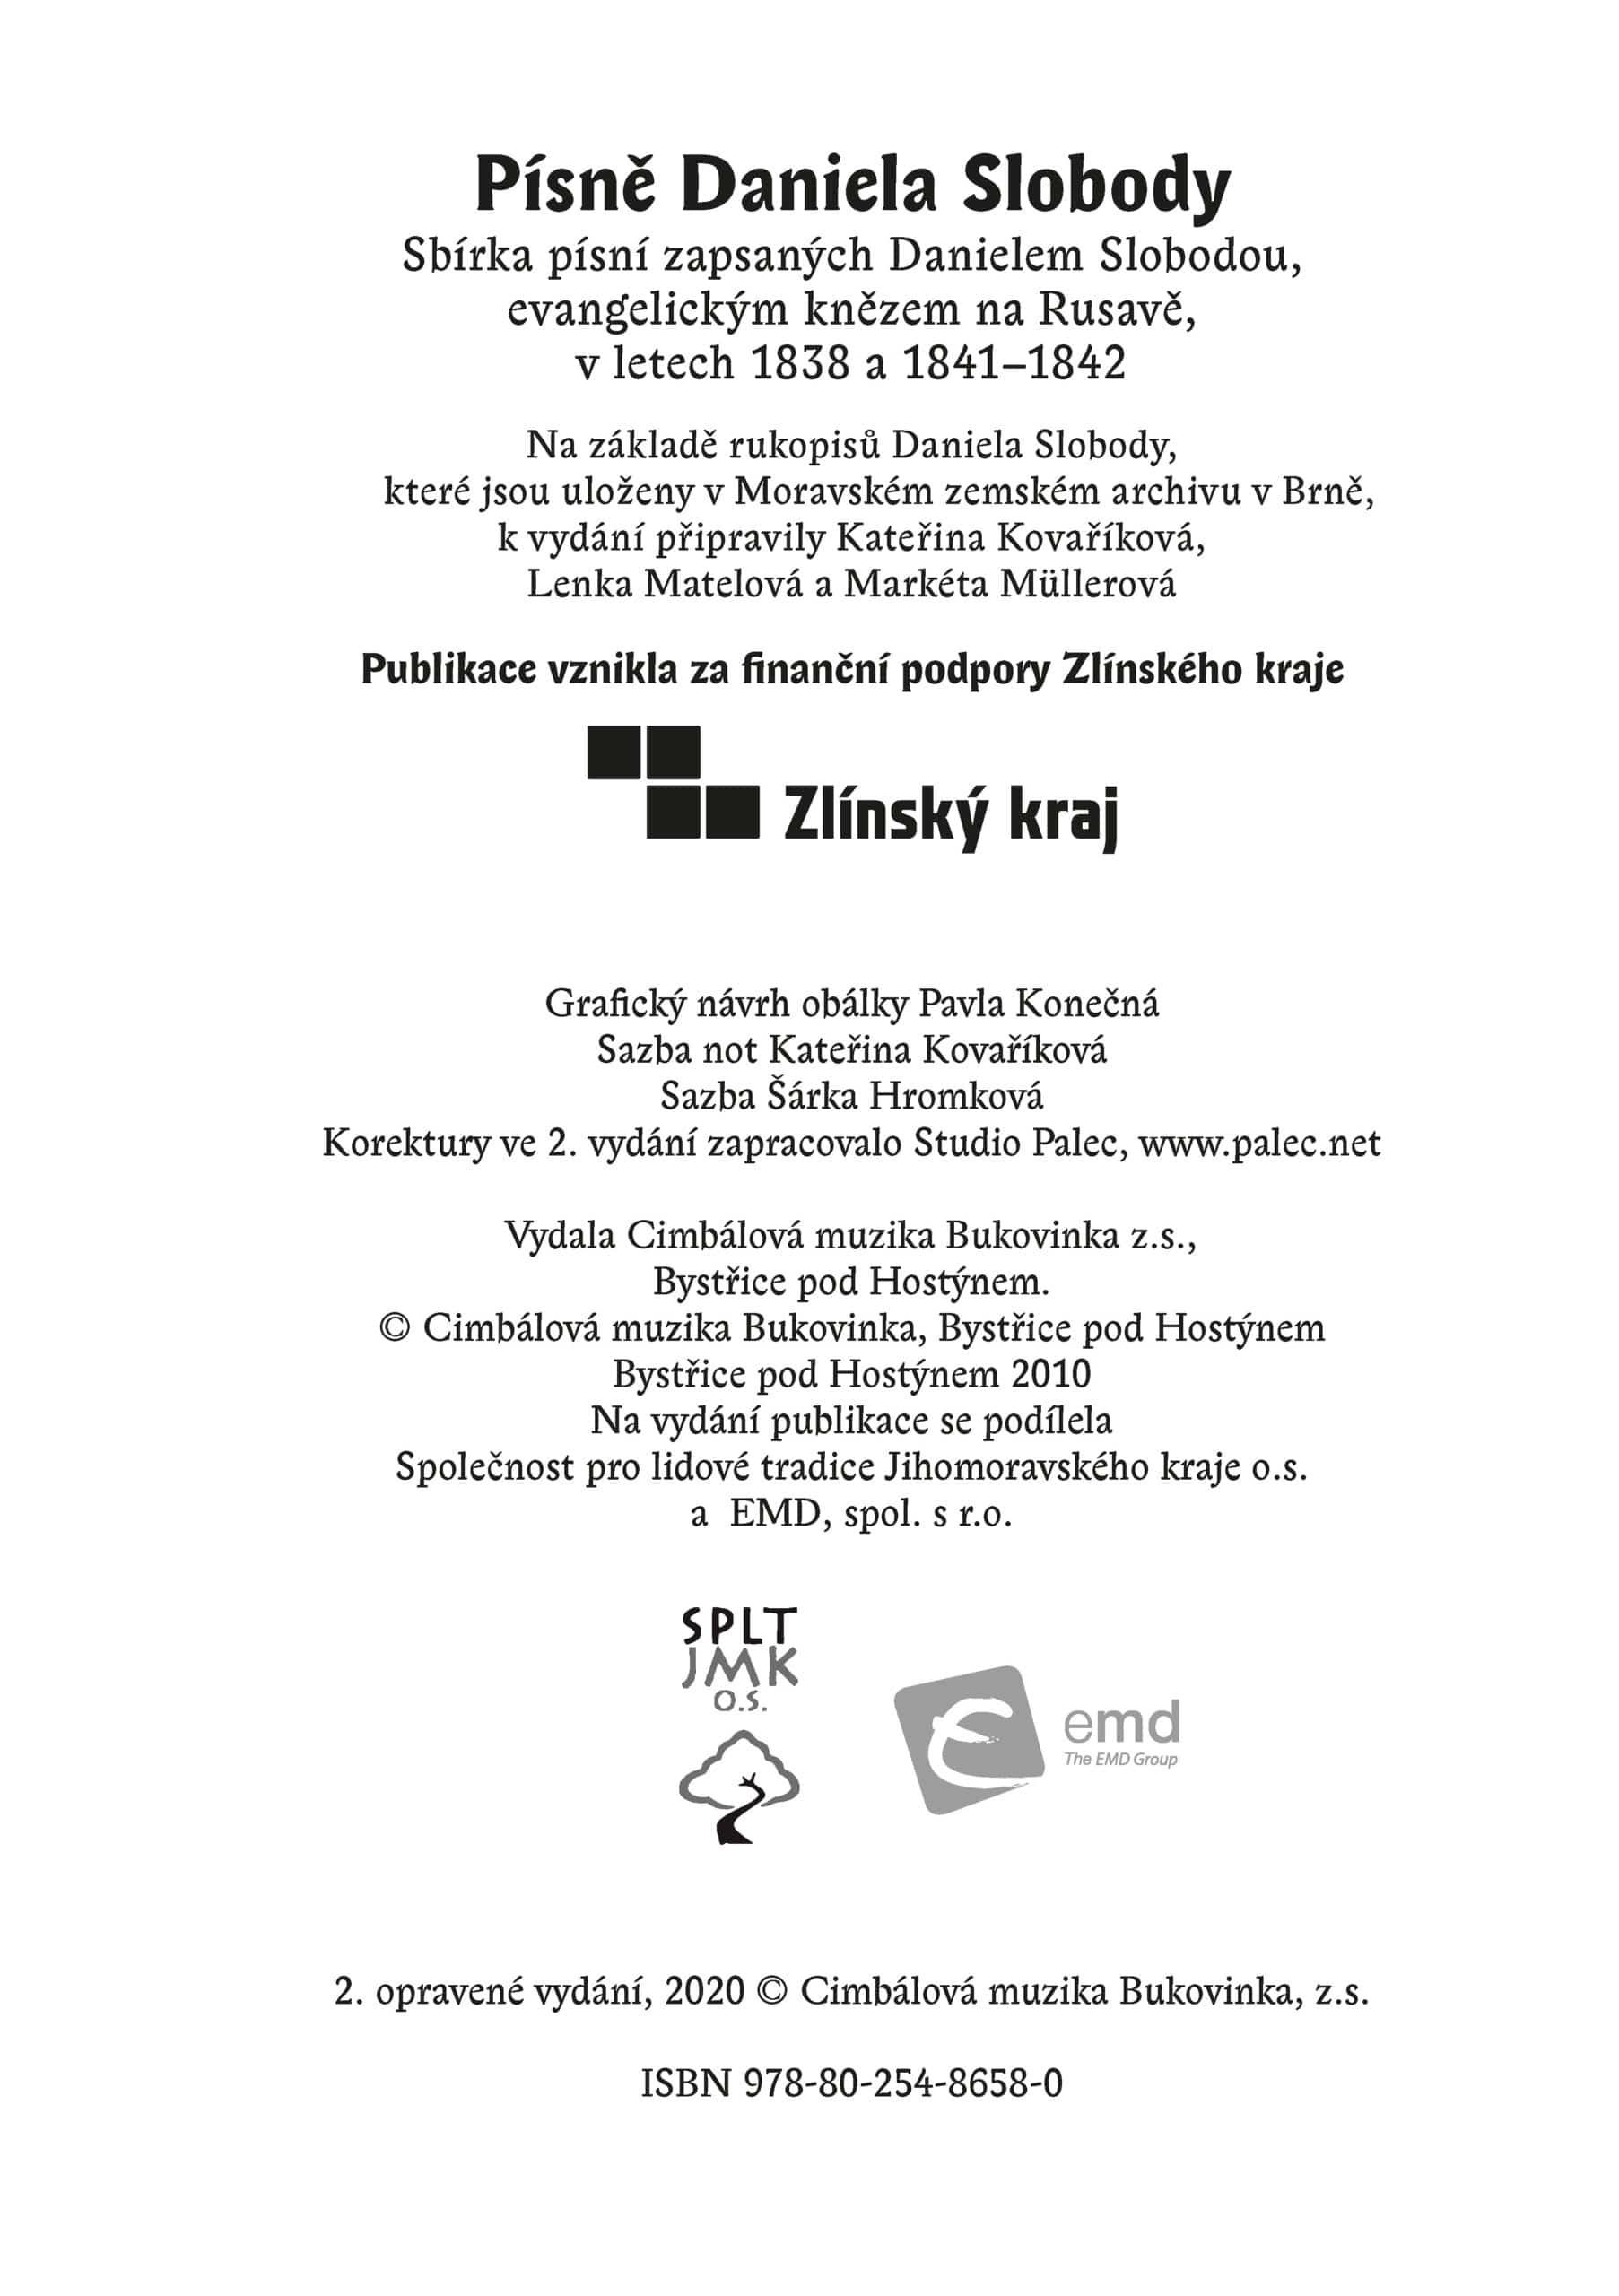 Písně Daniela Slobody (publikace v PDF)